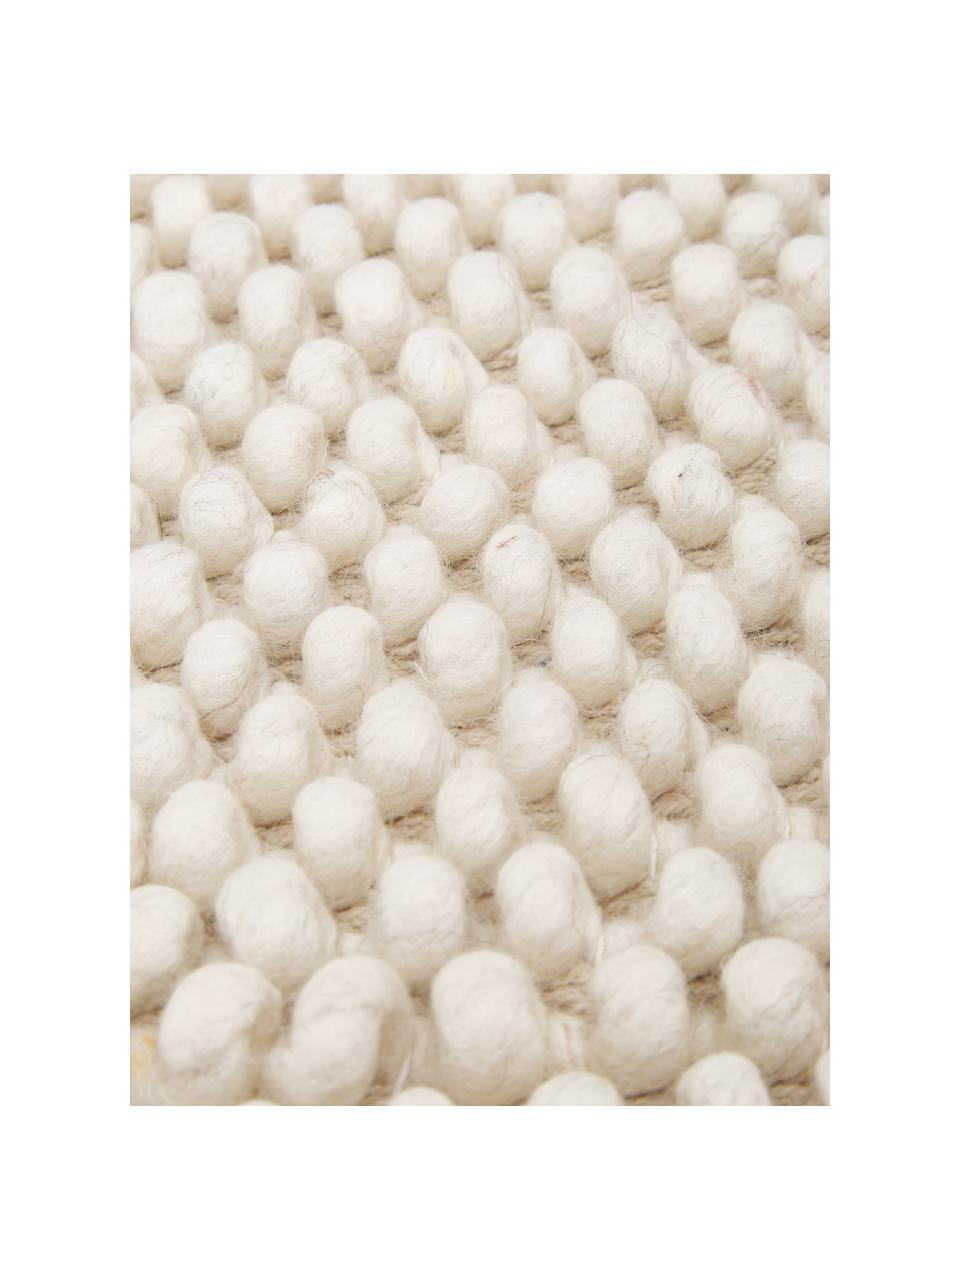 Handgestikt wollen vloerkleed Lovisa in ivoorkleur gevlekt, Bovenzijde: 60% wol, 40% viscose, Onderzijde: 100% katoen Bij wollen vl, Ivoorkleurig, B 160 x L 230 cm (maat M)